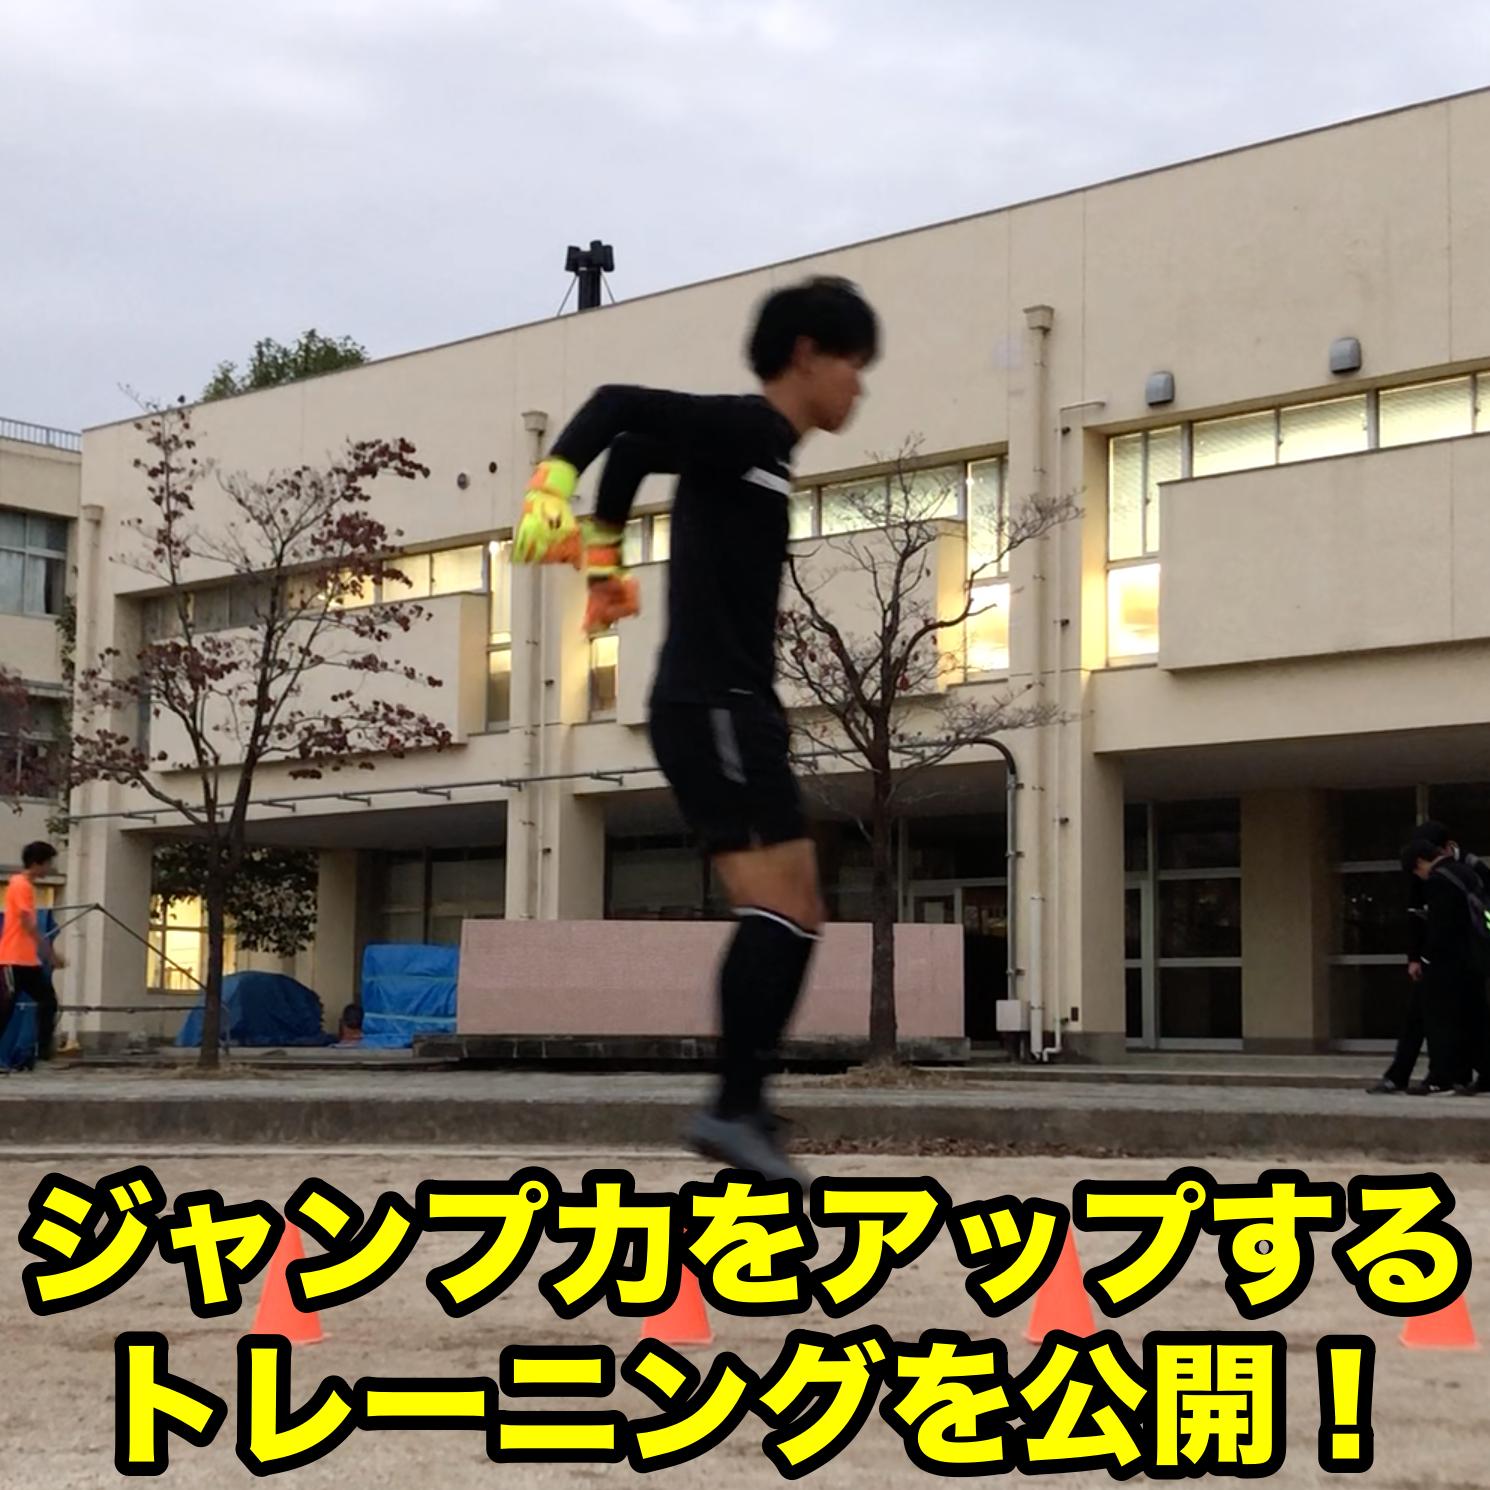 身体が低いゴールキーパー必見!?ジャンプ力を鍛えるトレーニングを紹介!